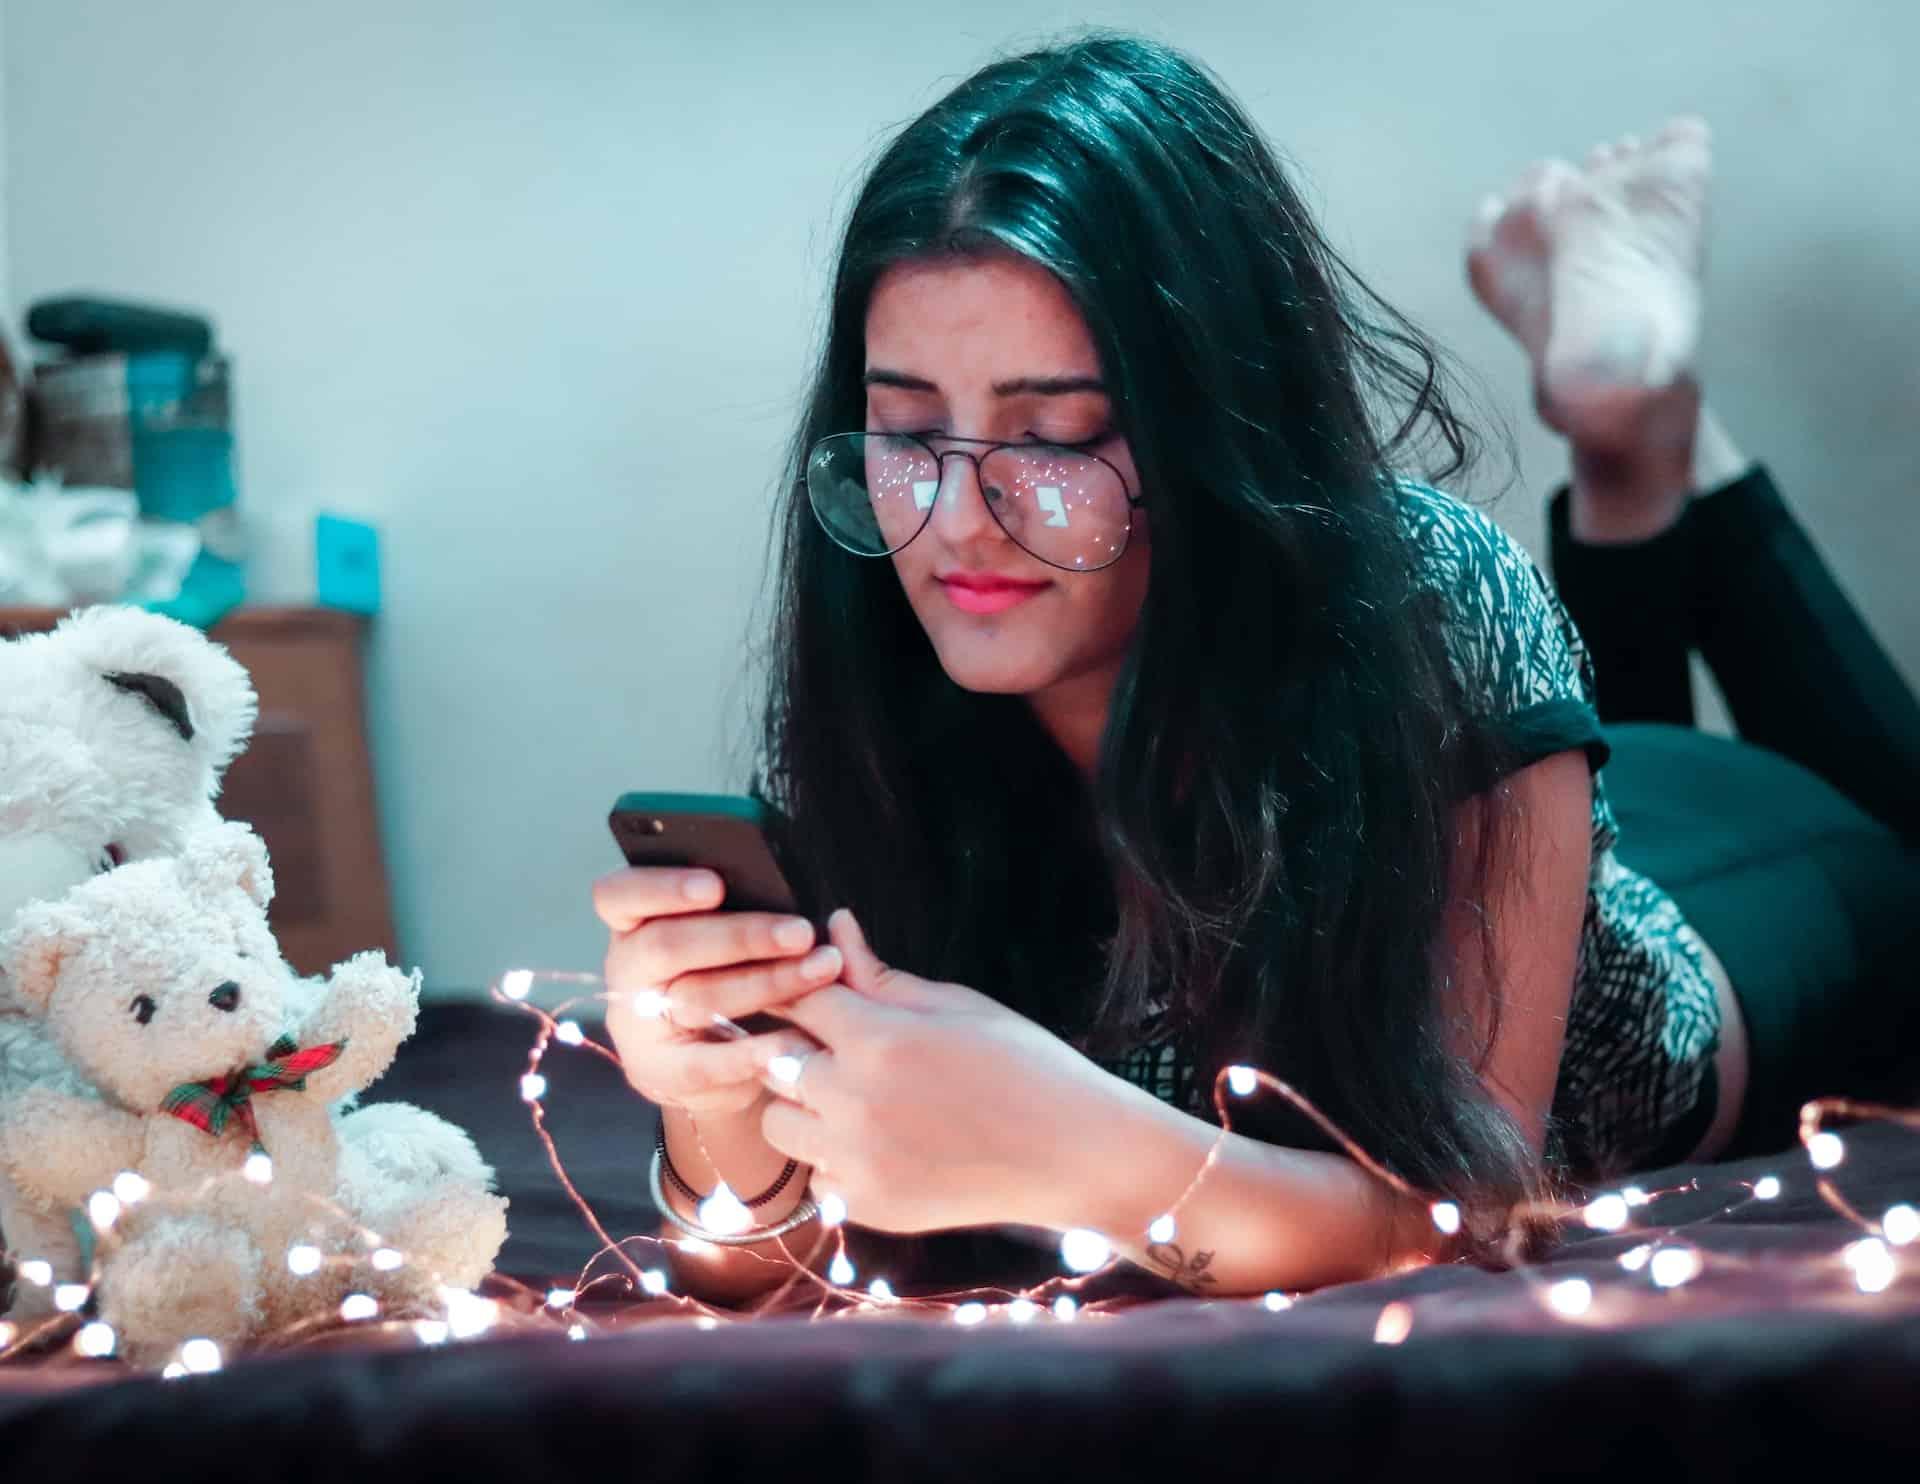 Frau liegt auf dem Bauch und schaut auf ihr Handy